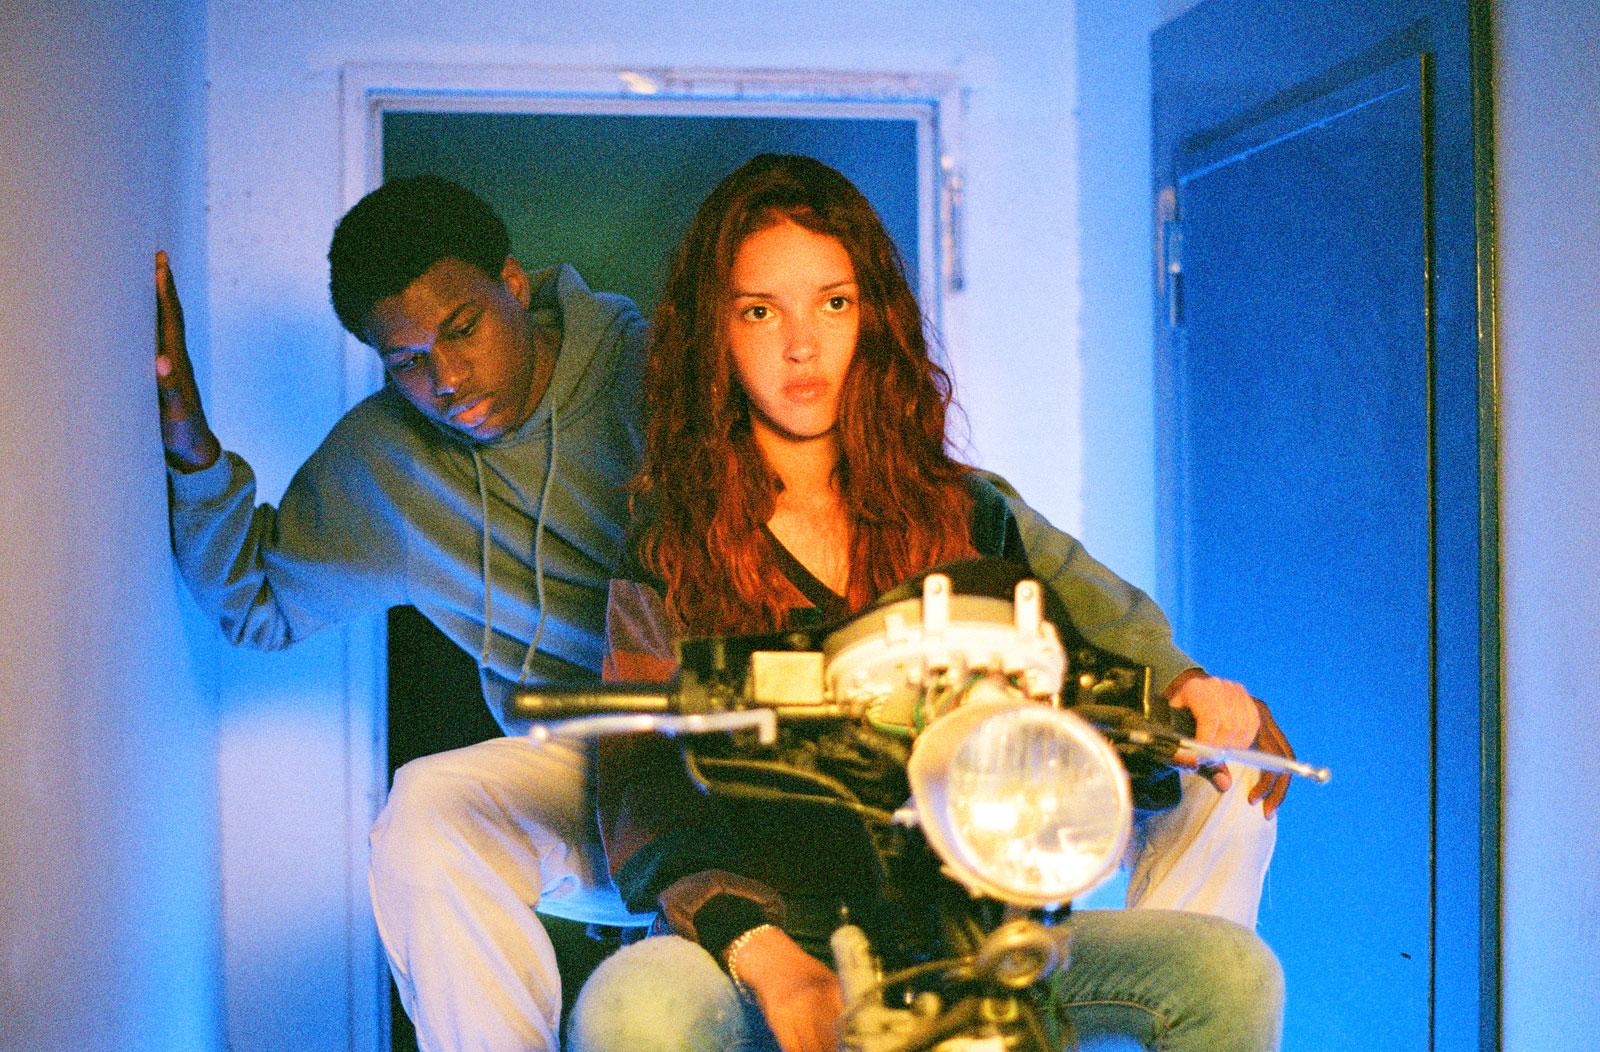 Teen Movies, tour des sorties de juin